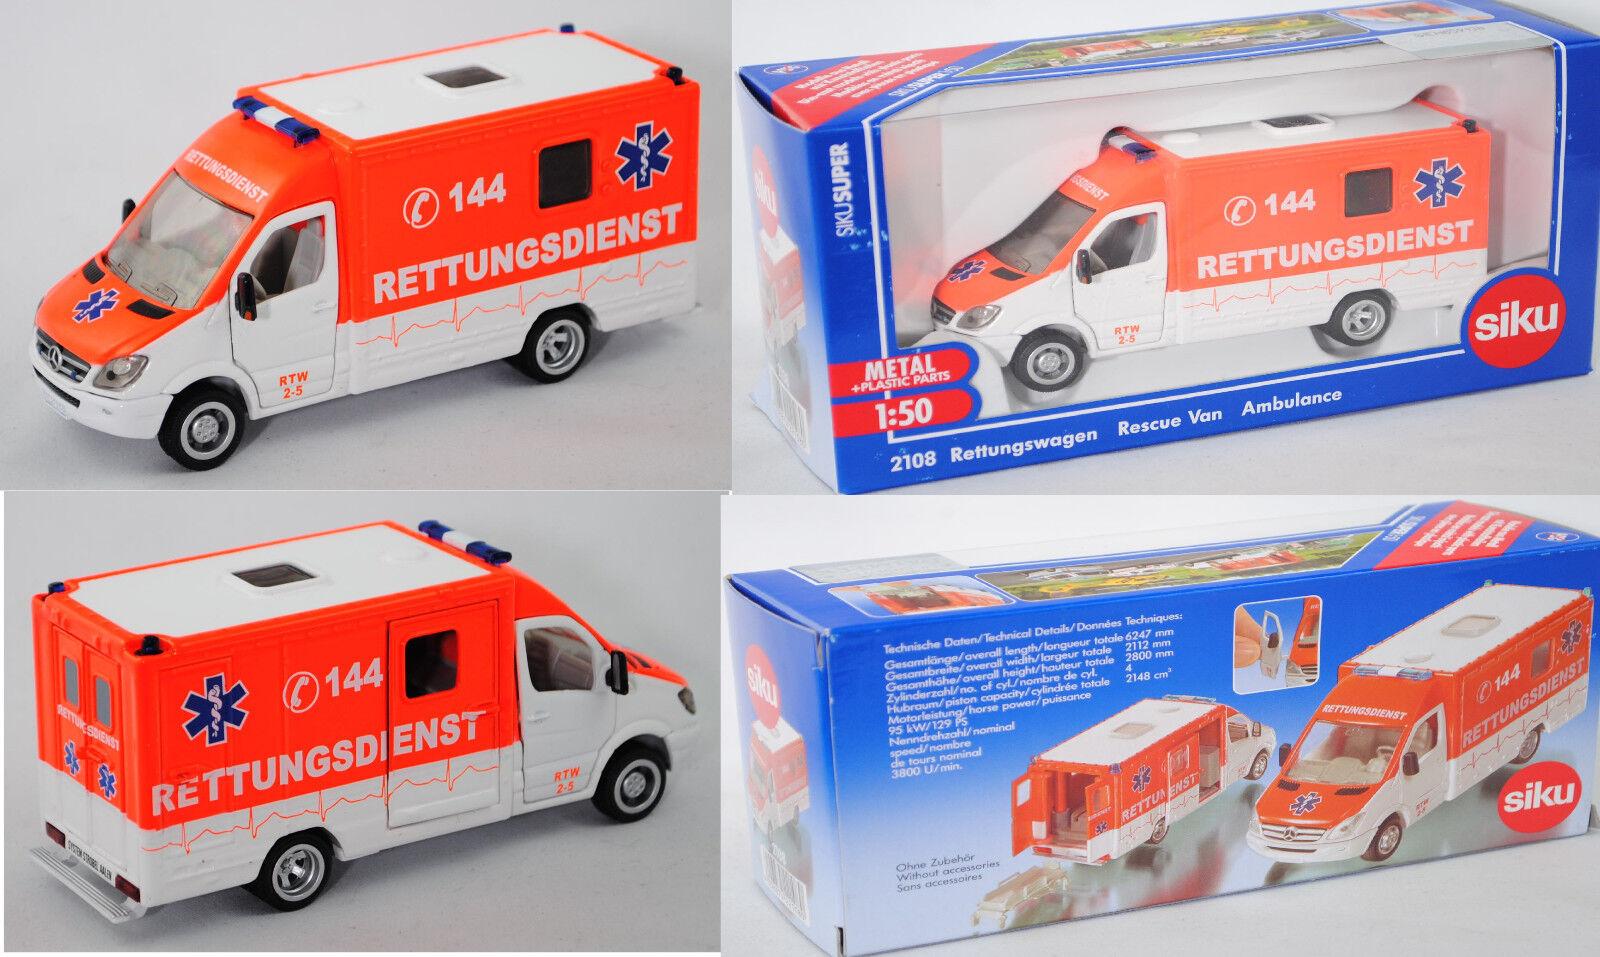 Siku 2108 03900 Mercedes-Benz Sprinter Rettungswagen Rettungsdienst 144 1 50 50 50 151f51